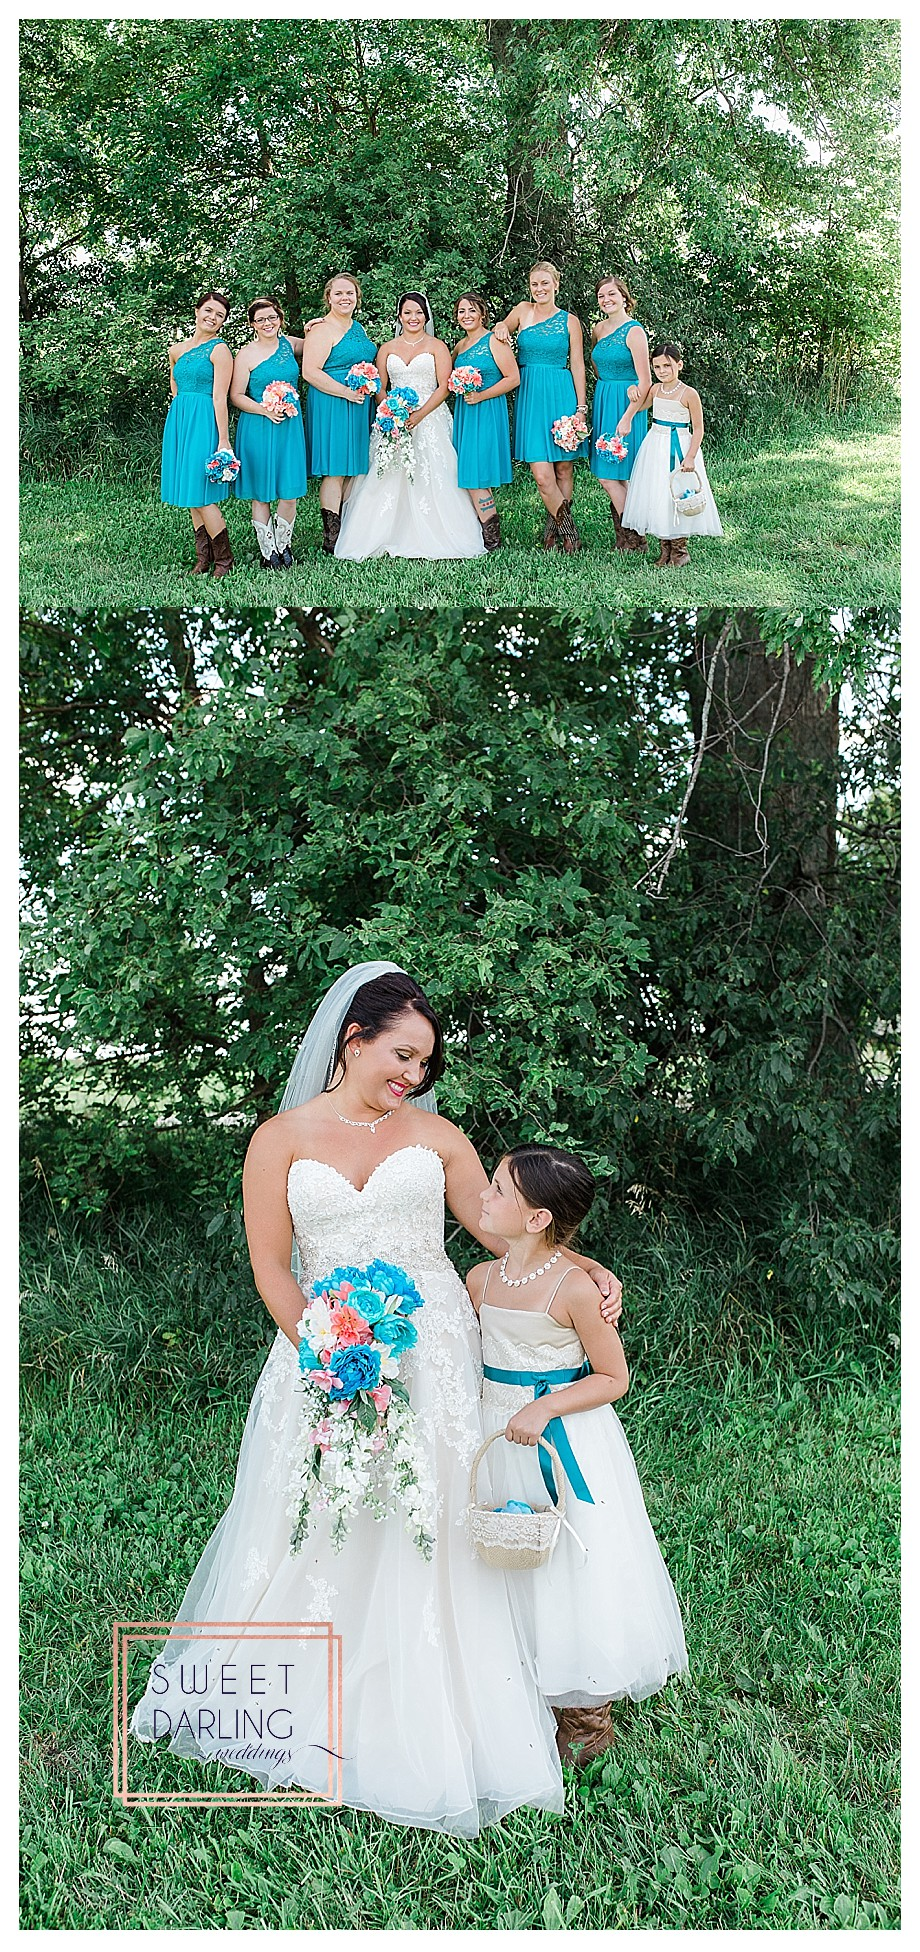 teal aqua blue off the shoulder bridesmaid dresses